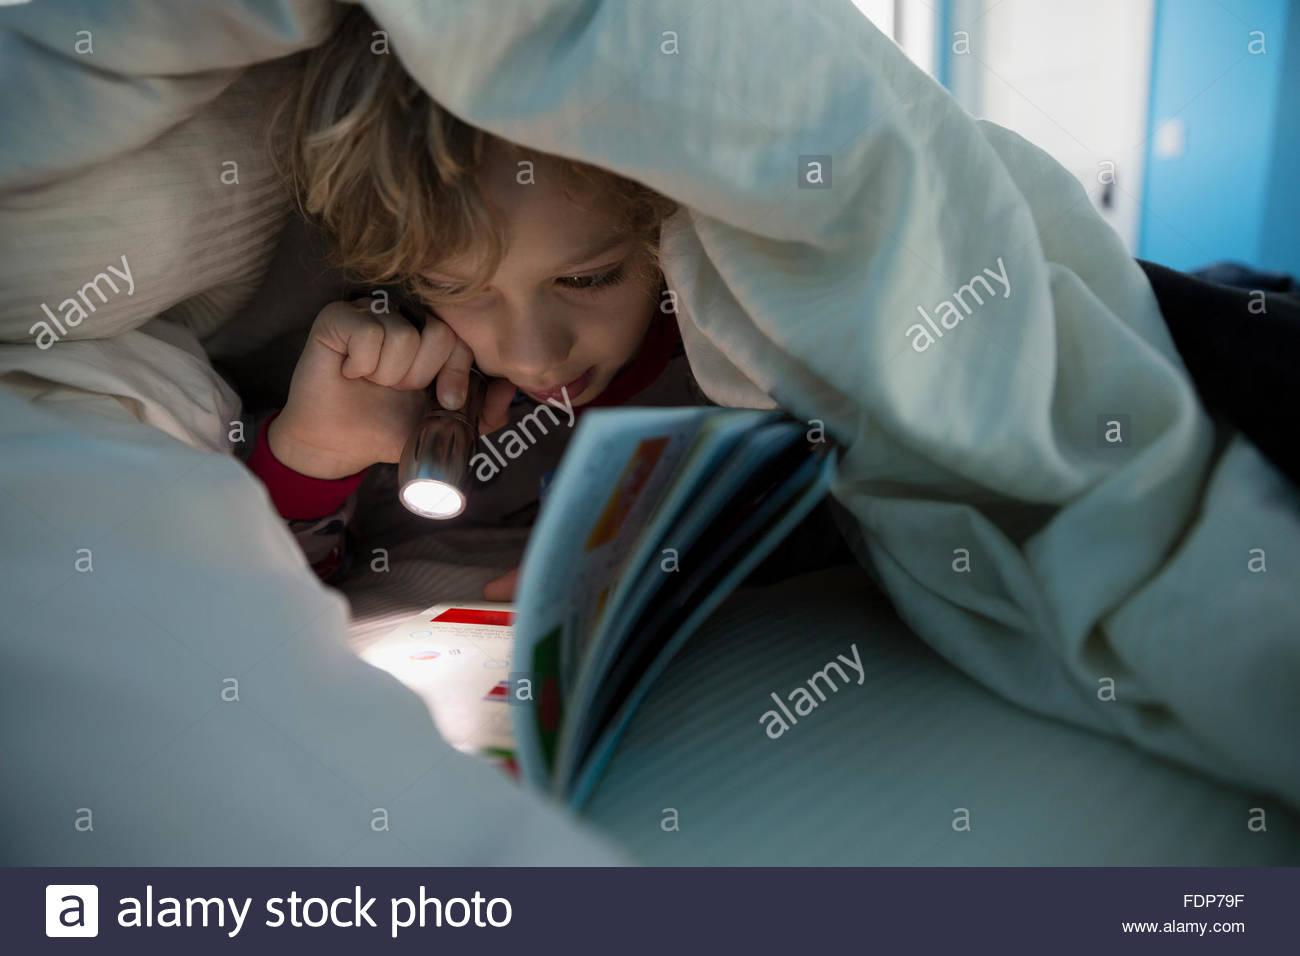 Chico leyendo libros con linterna bajo el edredón Imagen De Stock